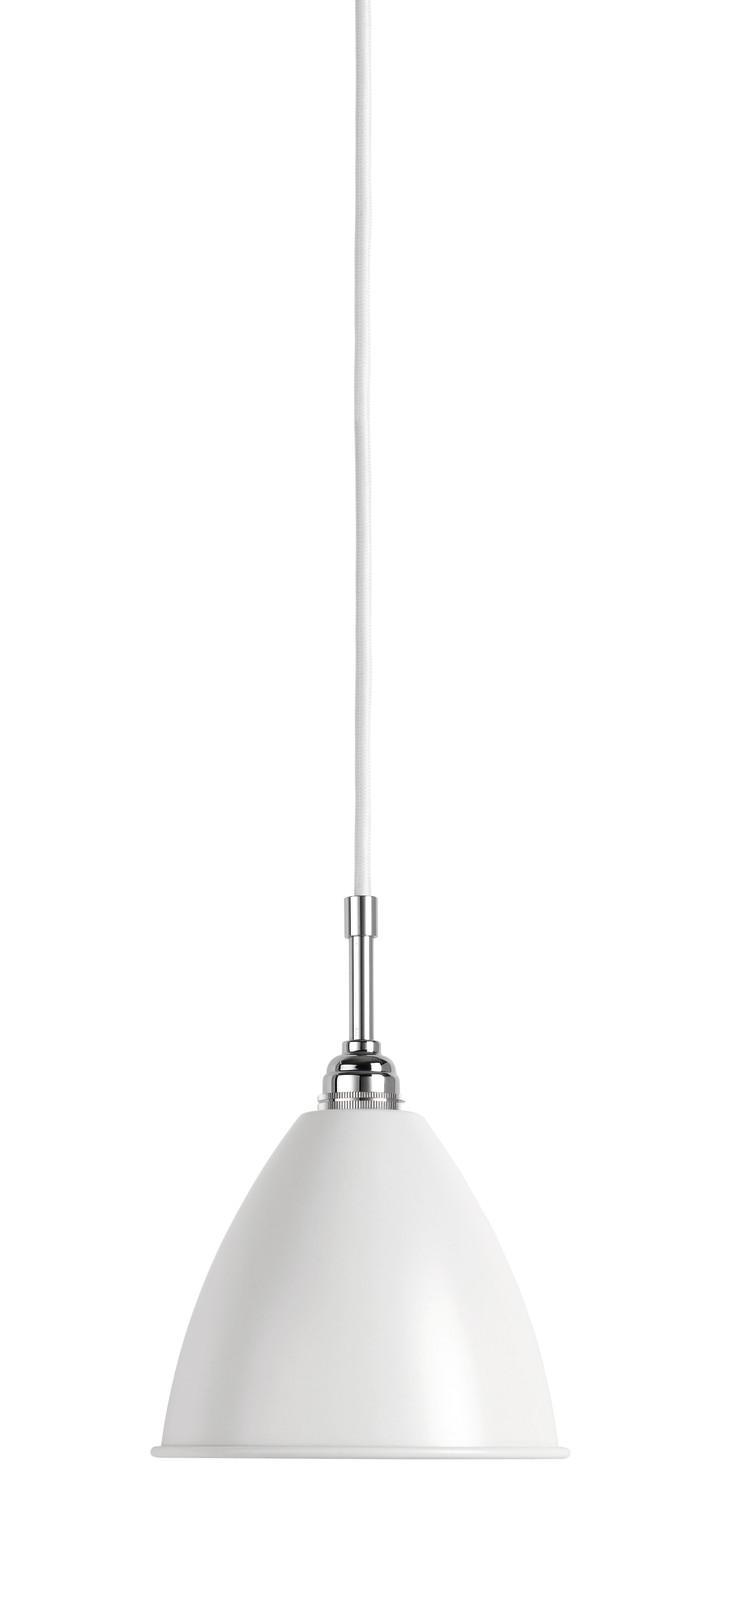 Bestlite BL9 Small Pendant Lamp Matt White/Chrome